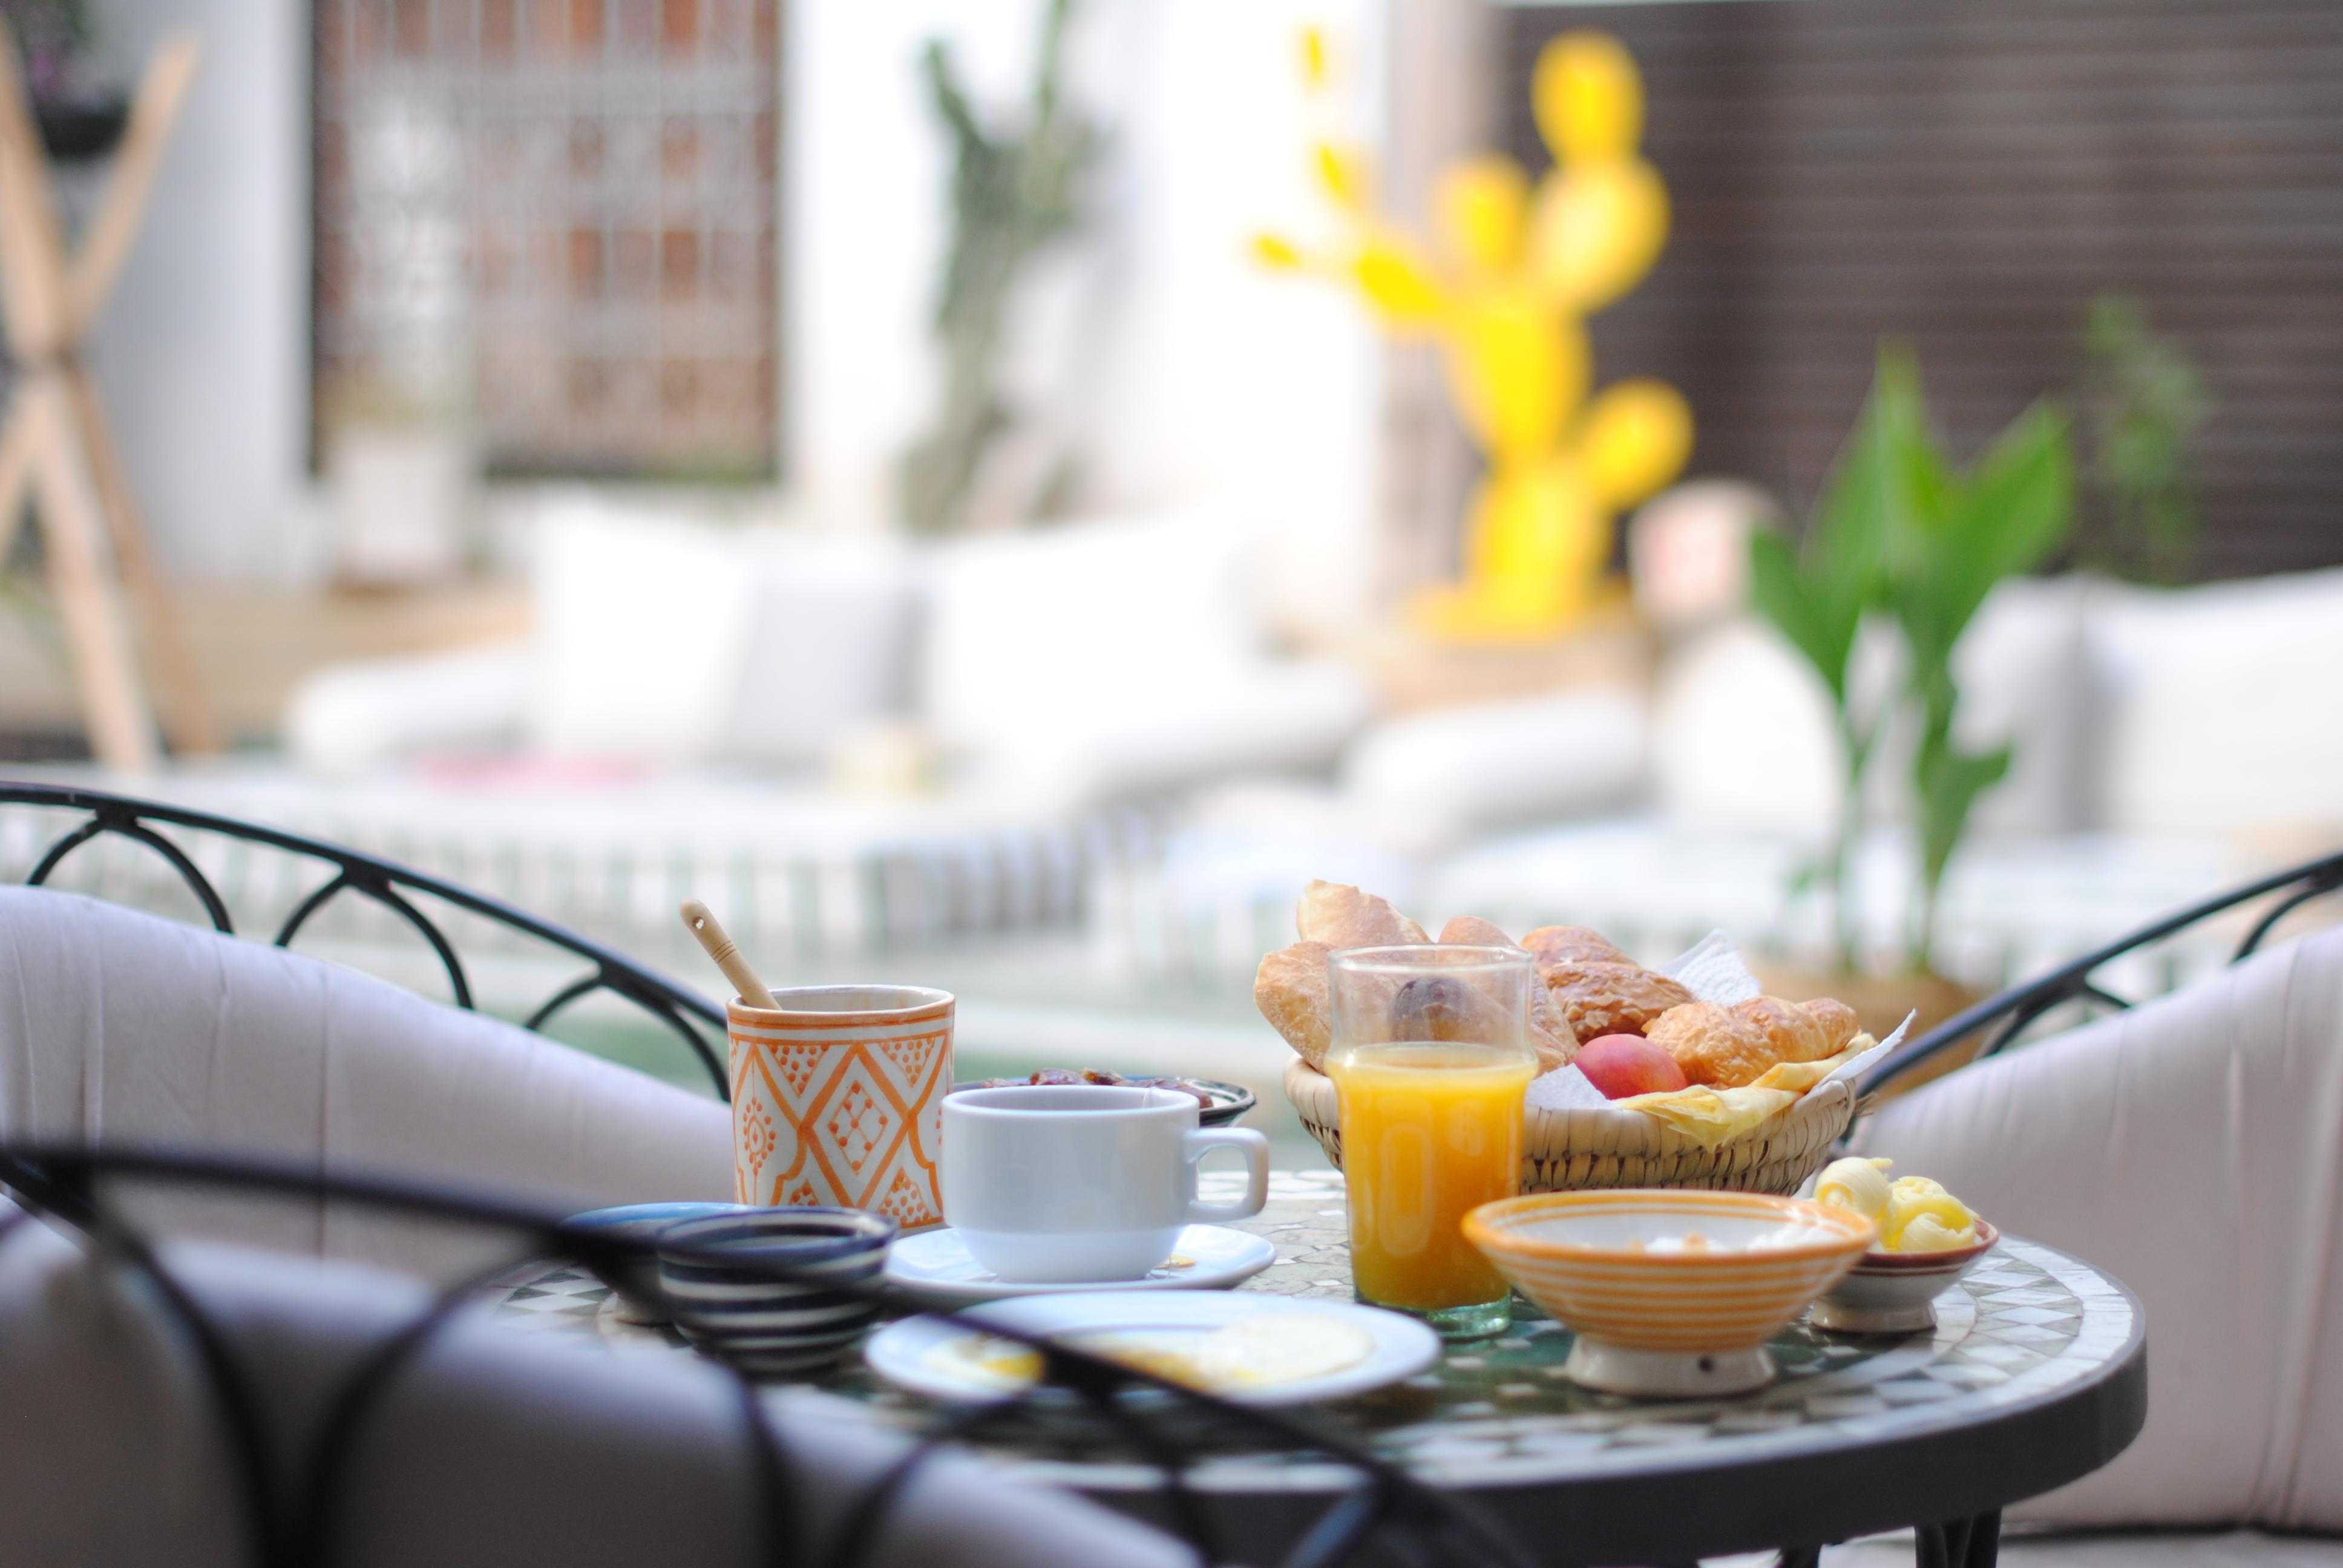 Le riad yasmine hotel marrakech